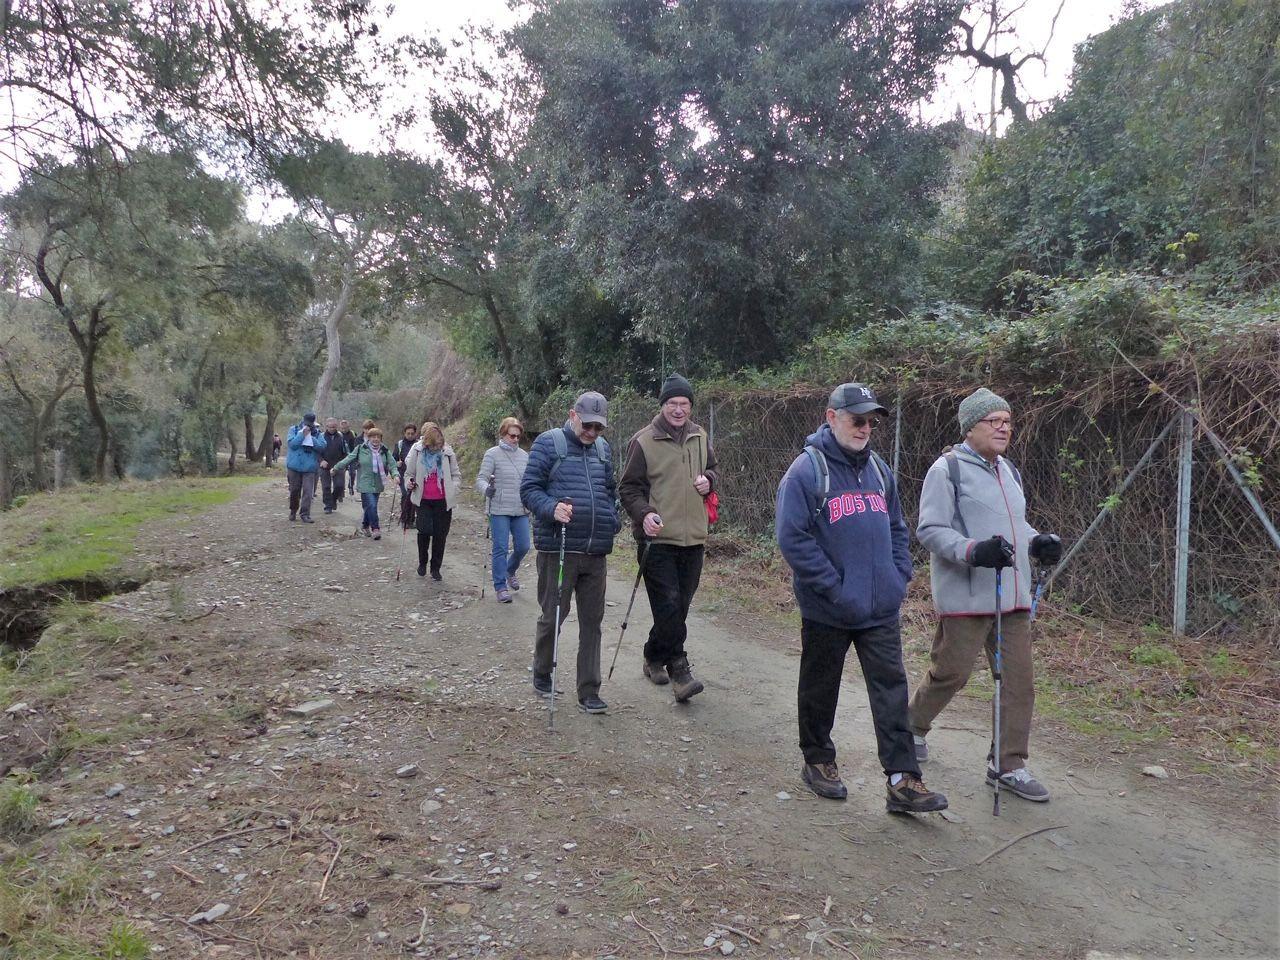 Els socis durant una caminada per la muntanya FOTO: Cedida